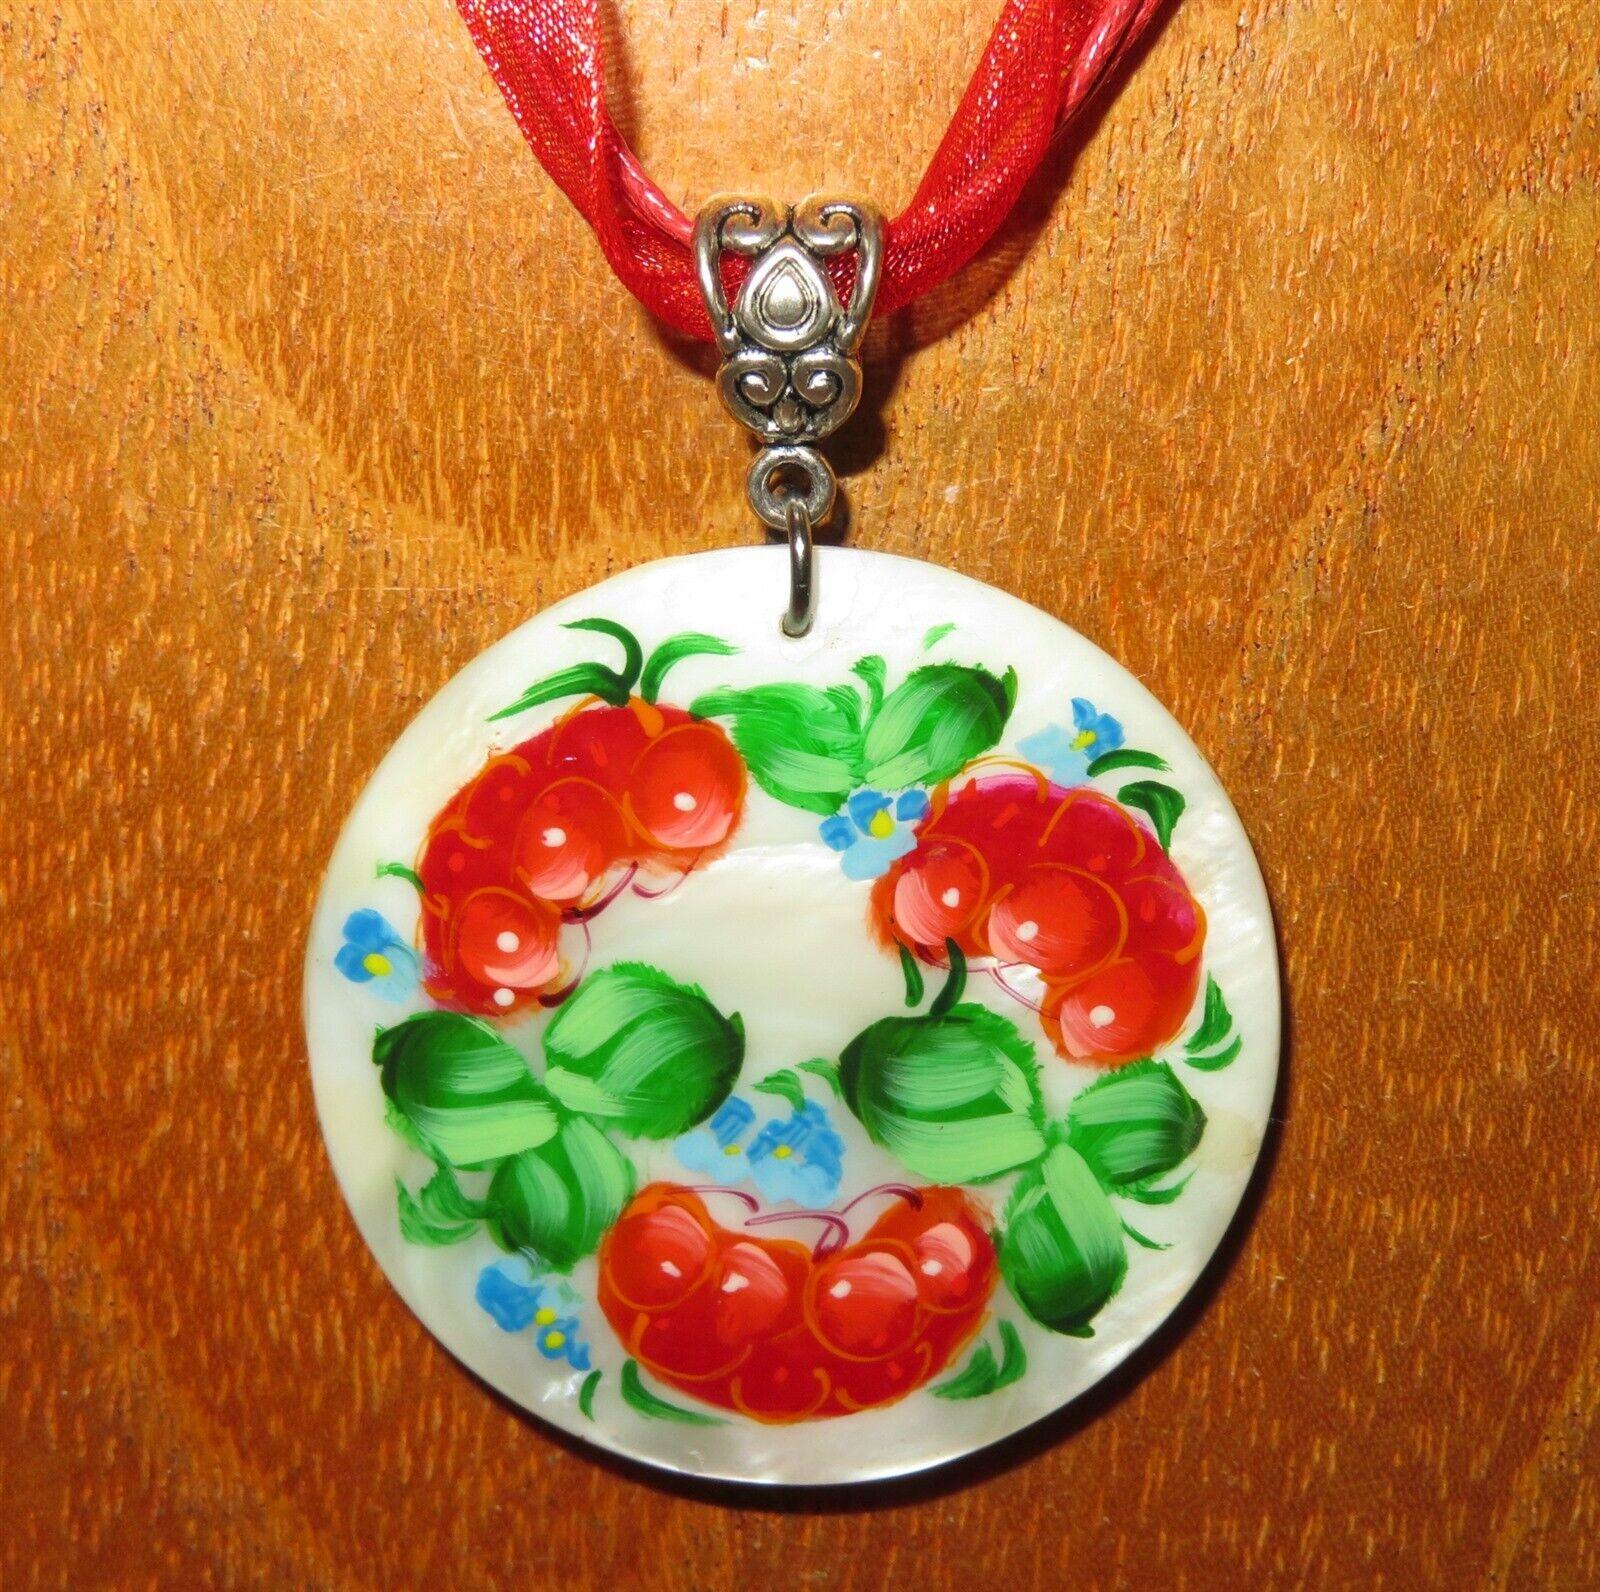 Colgante Zhostovo red Bayas Flores bluees Original Pintado a Mano Concha